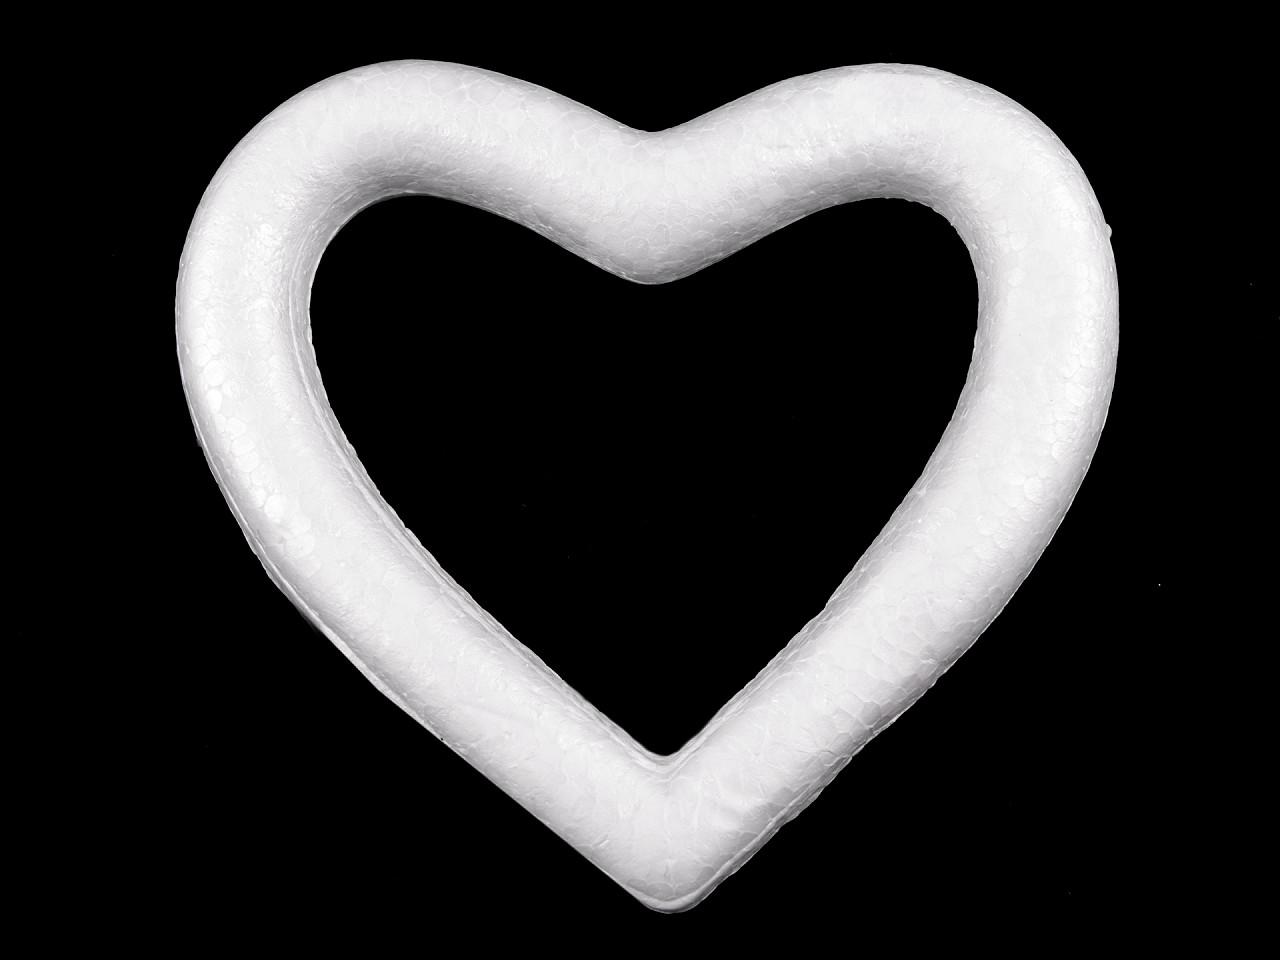 Srdce 12x14 cm polystyren 1 ks